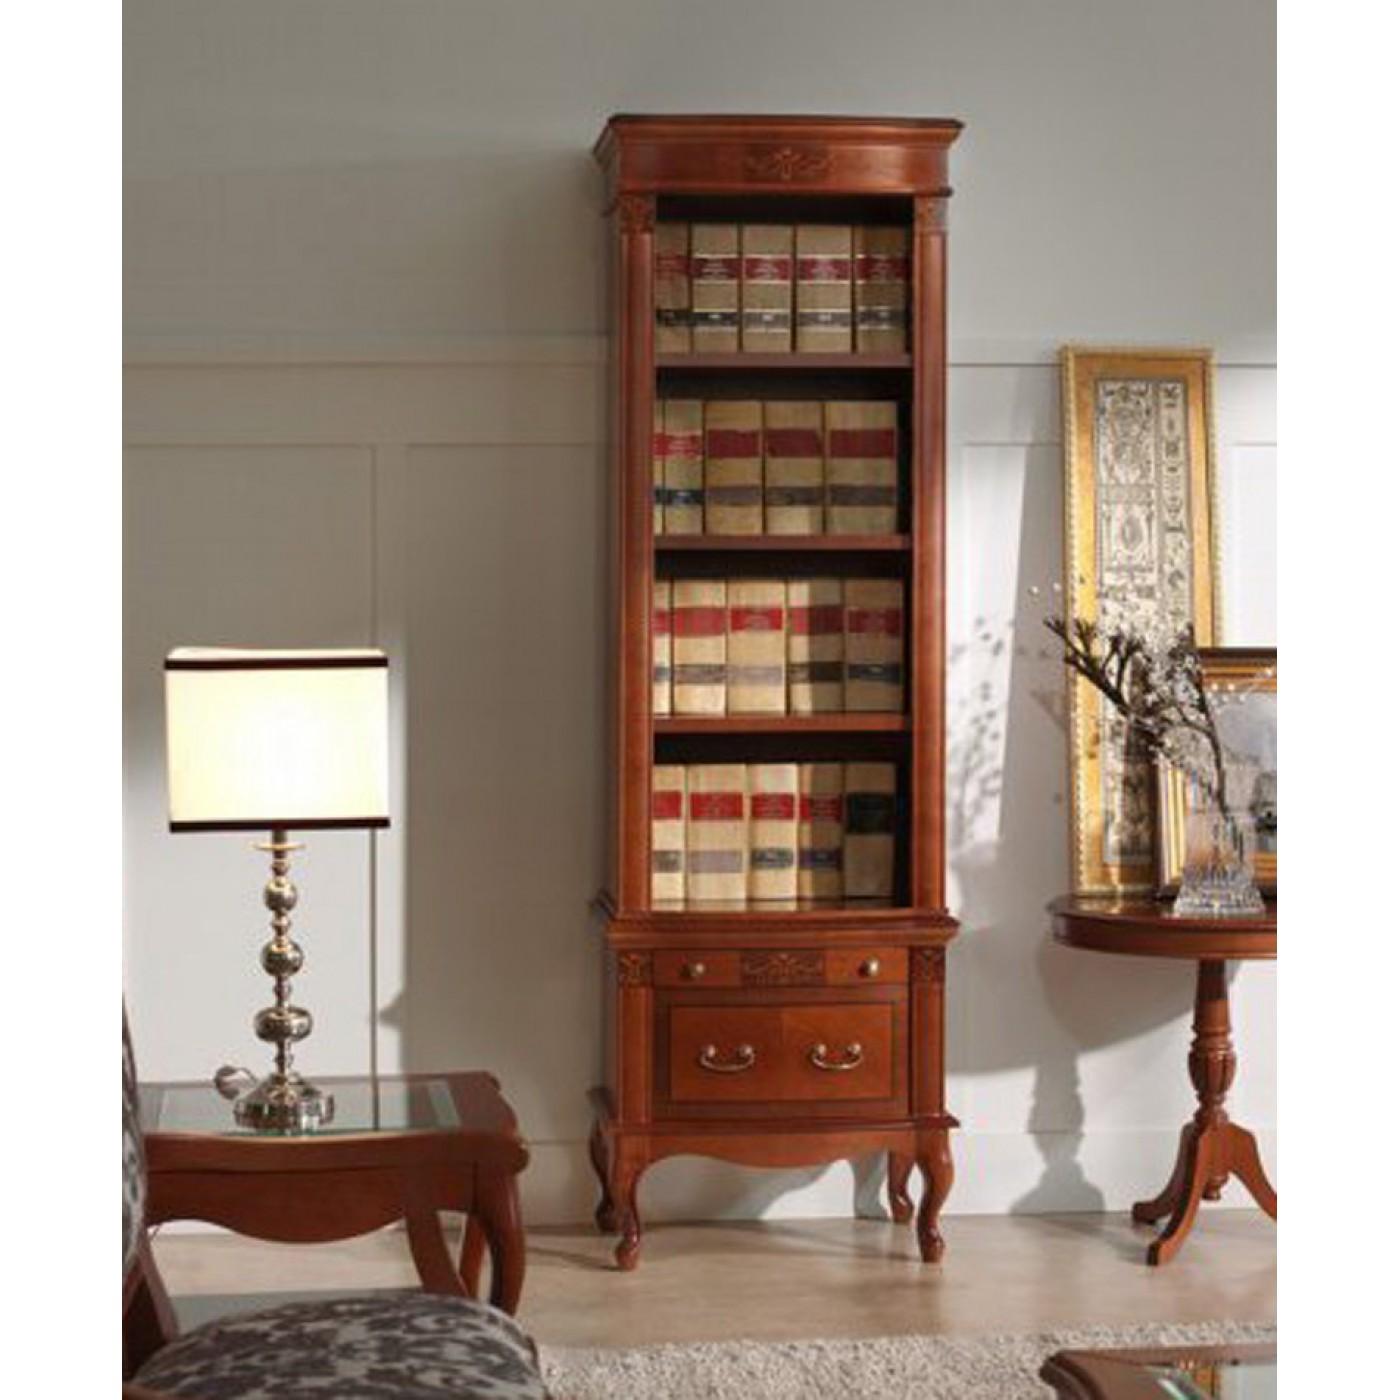 Мебель для домашнего кабинета tarfa орех. купить книжные шка.